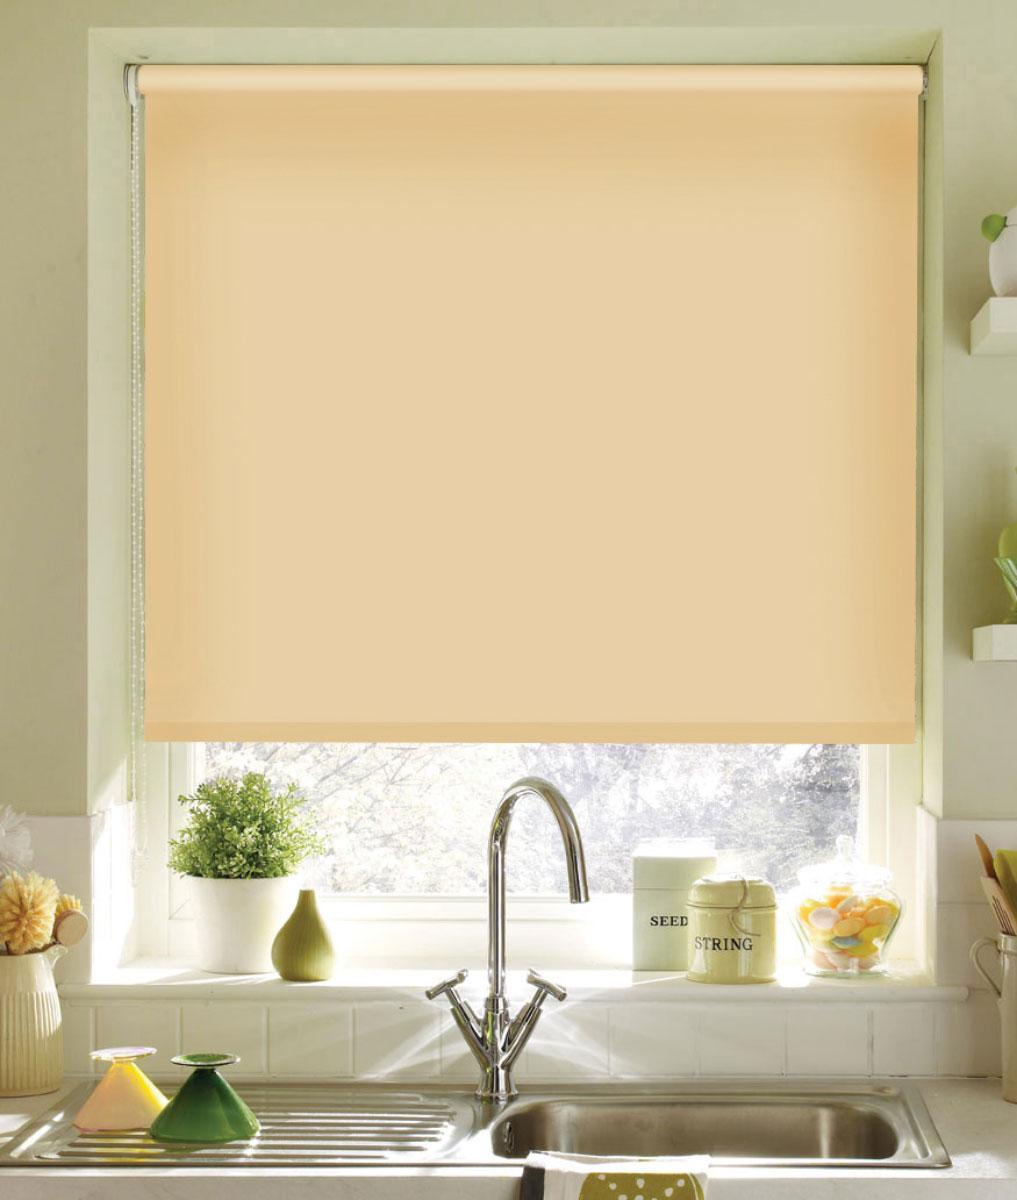 Штора рулонная KauffOrt Миниролло, цвет: светлый абрикос, ширина 73 см, высота 170 см10503Рулонная штора KauffOrt Миниролло выполнена из высокопрочной ткани, которая сохраняет свой размер даже при намокании. Ткань не выцветает и обладает отличной цветоустойчивостью.Миниролло - это подвид рулонных штор, который закрывает не весь оконный проем, а непосредственно само стекло. Такие шторы крепятся на раму без сверления при помощи зажимов или клейкой двухсторонней ленты (в комплекте). Окно остается на гарантии, благодаря монтажу без сверления. Такая штора станет прекрасным элементом декора окна и гармонично впишется в интерьер любого помещения.